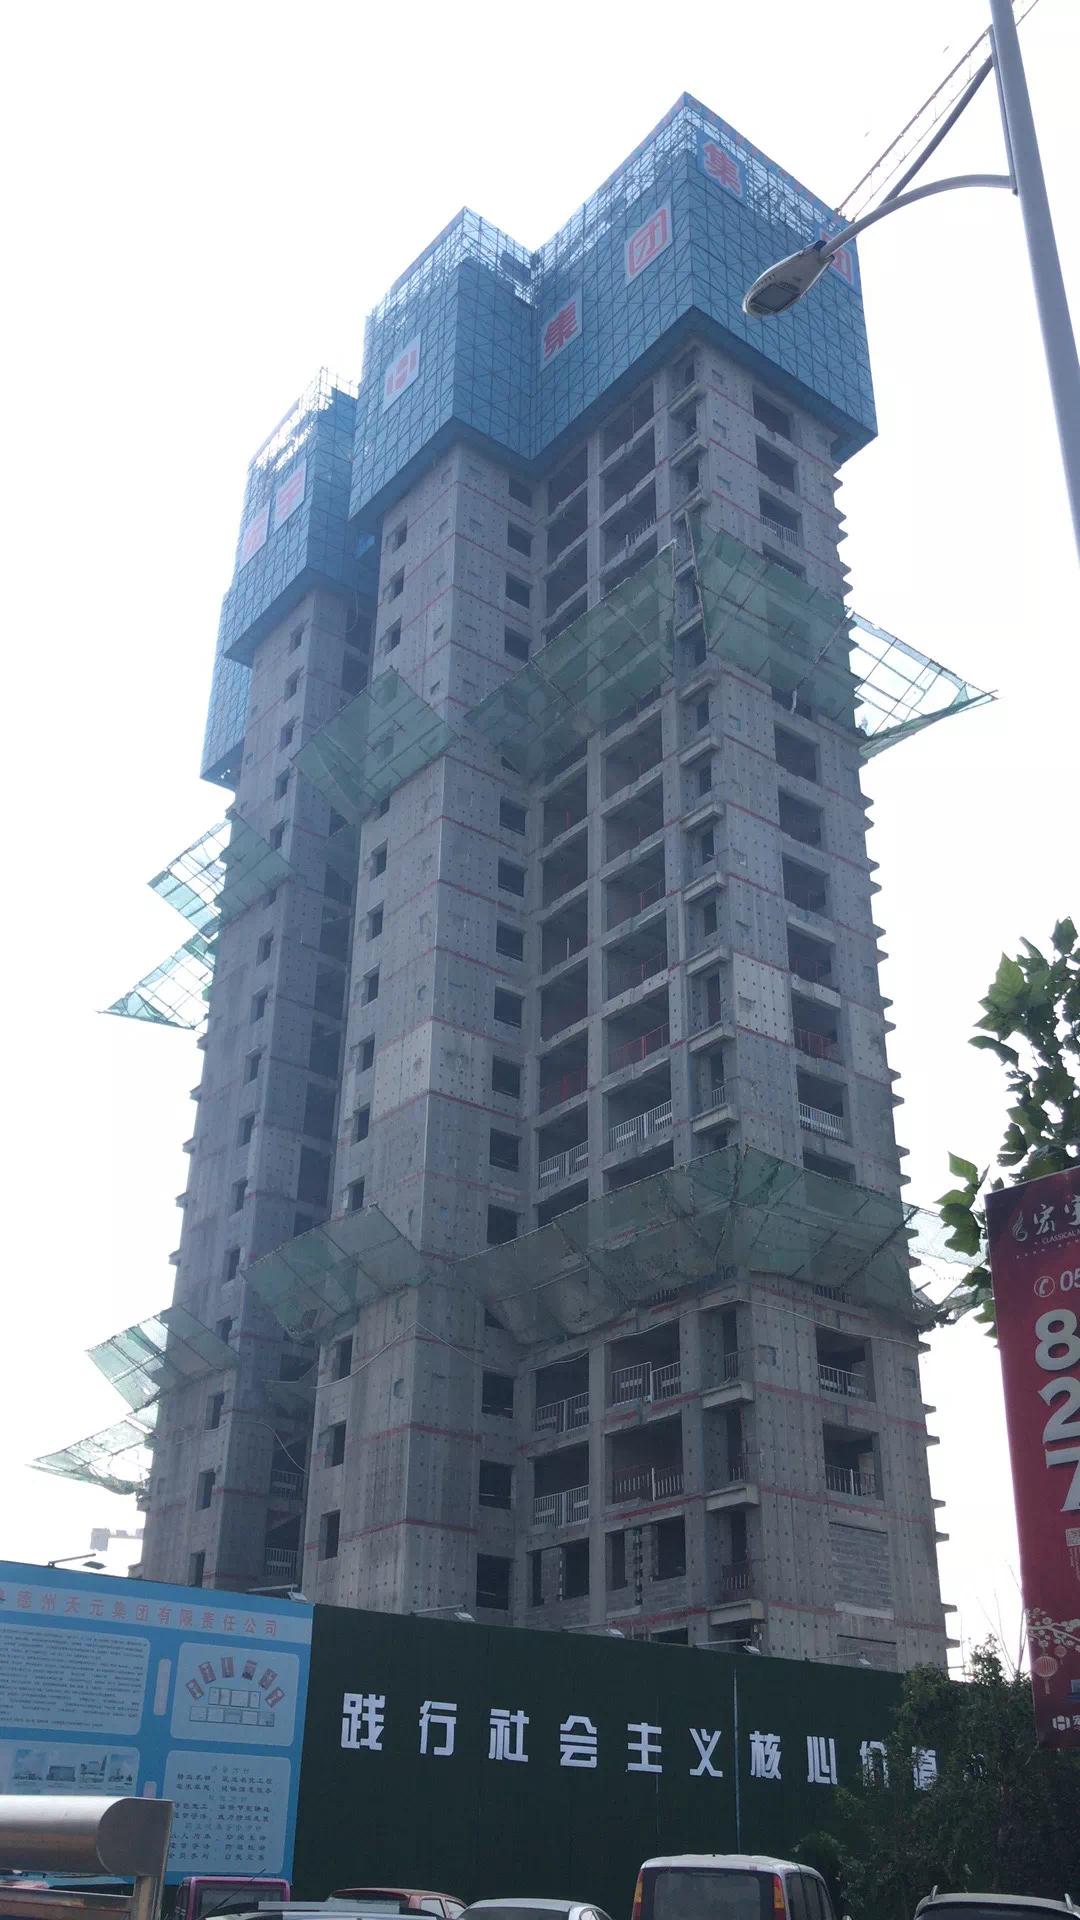 宏宇城9月初工程播报